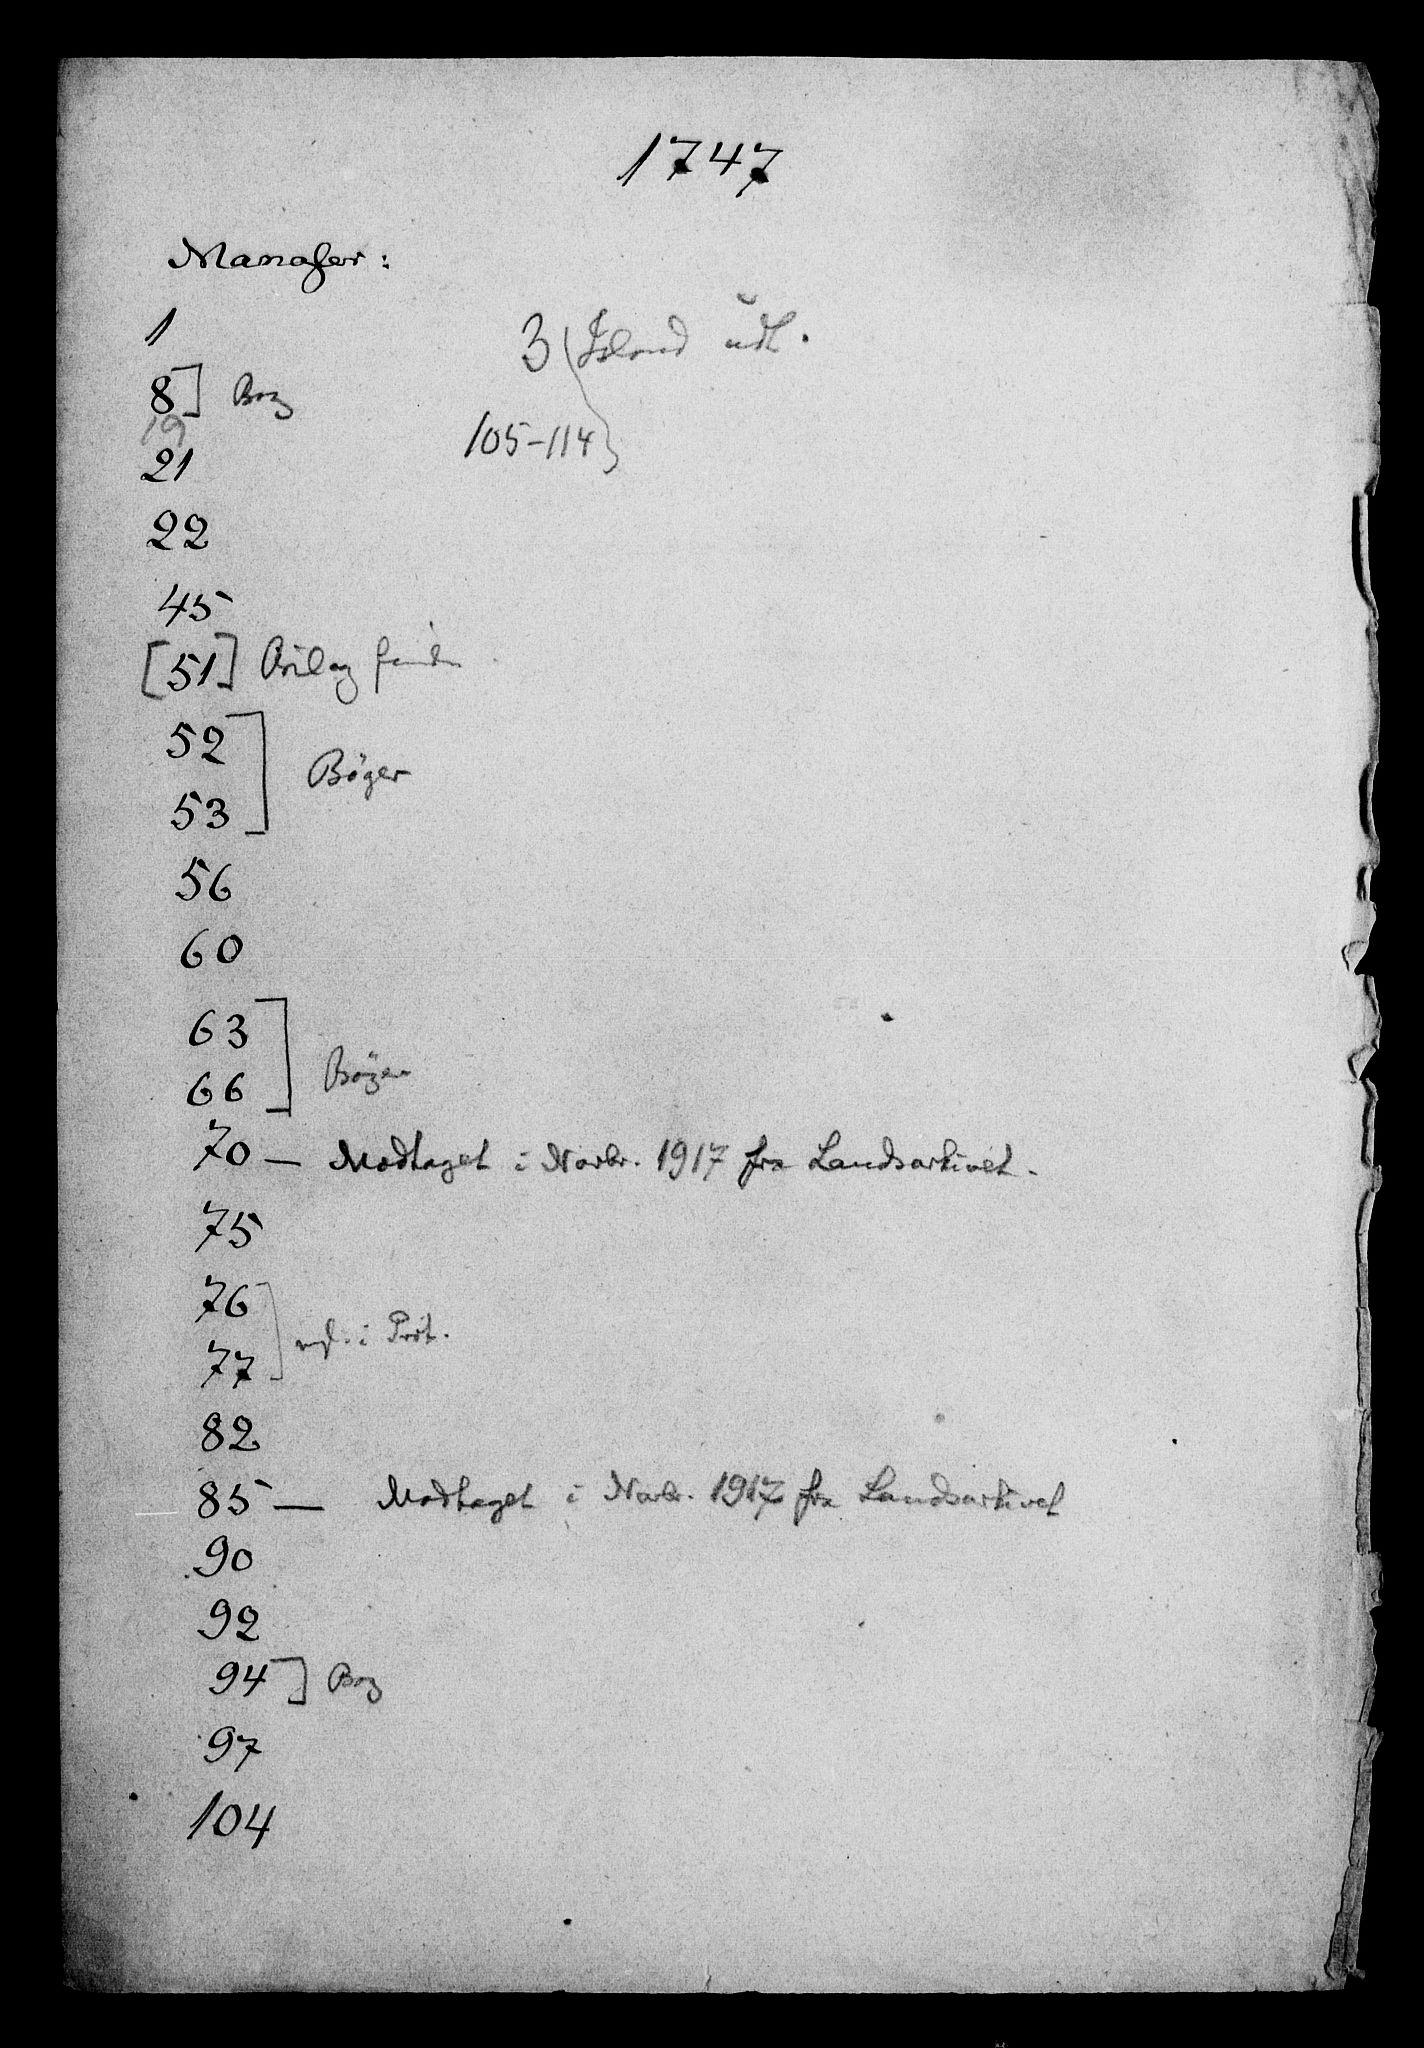 DRA, Generalkirkeinspektionskollegiet, F4-06/F4-06-17: Protokollerede indkomne sager, 1747